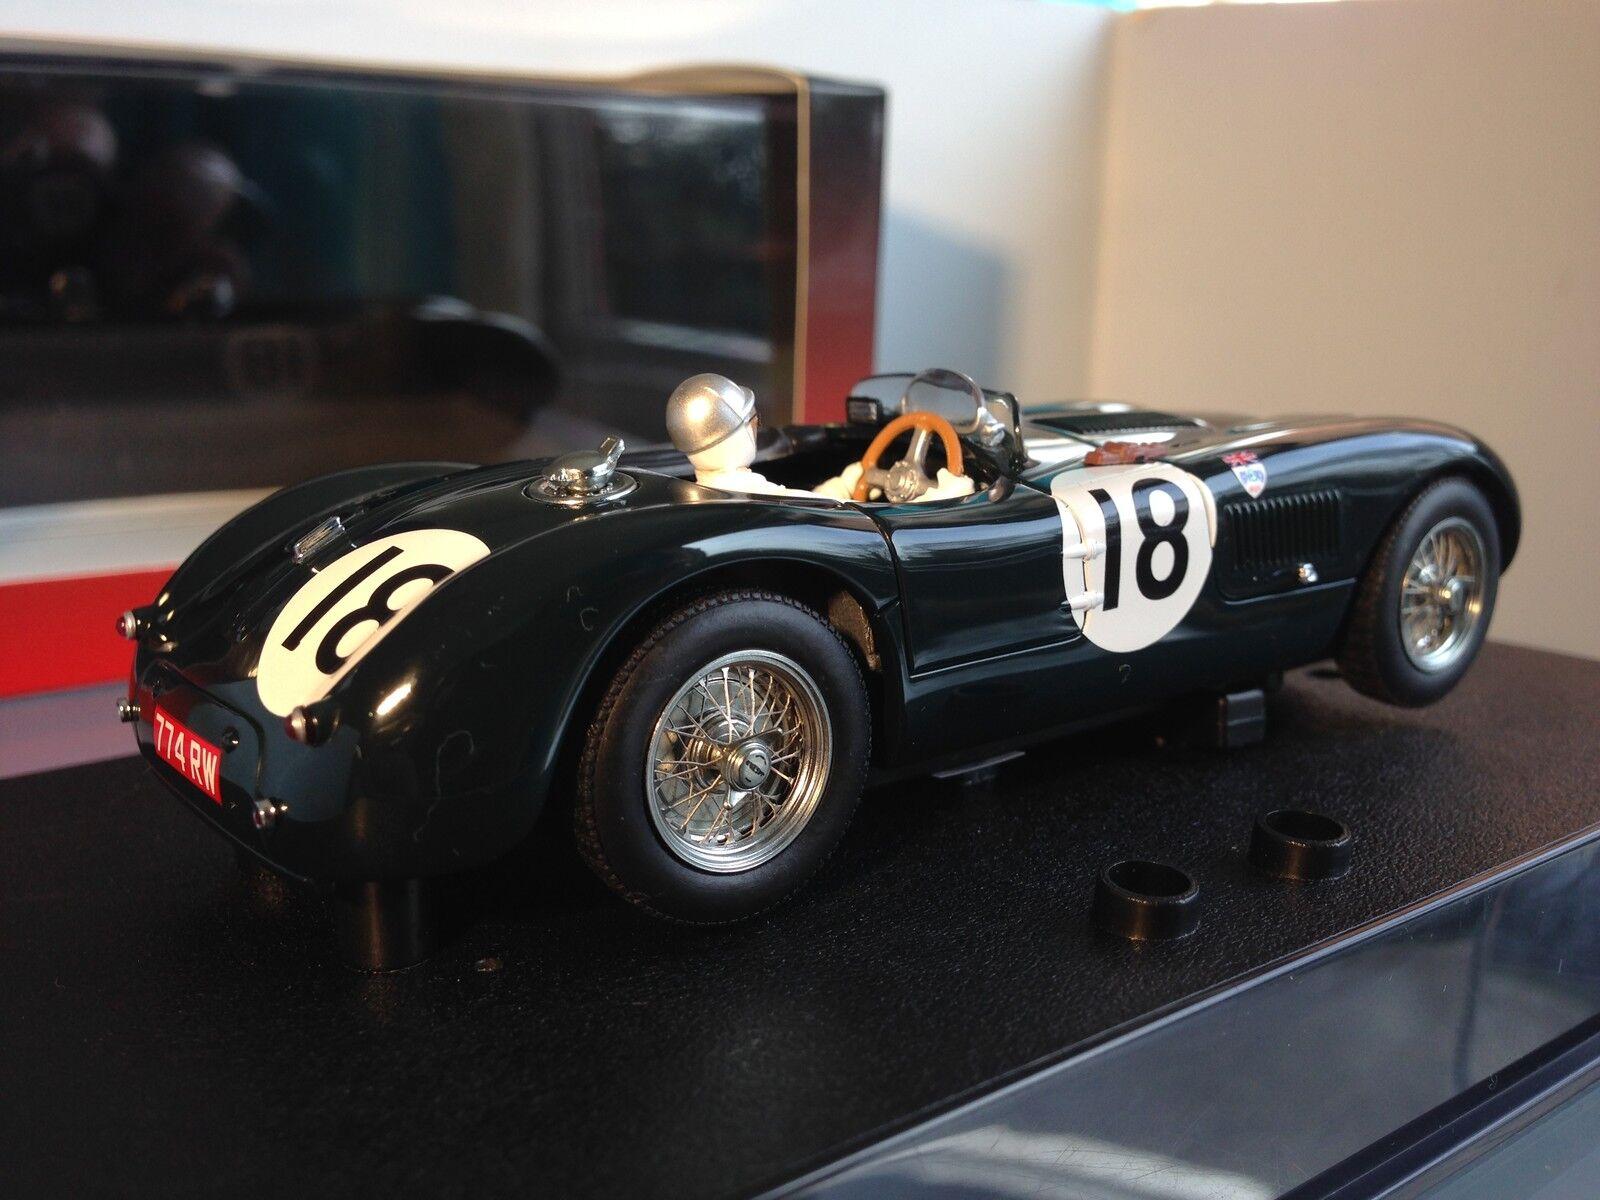 Scalextric Autoart Slot Car Jaguar C Type no 18 Le Mans 1953 Model no13571 (302)